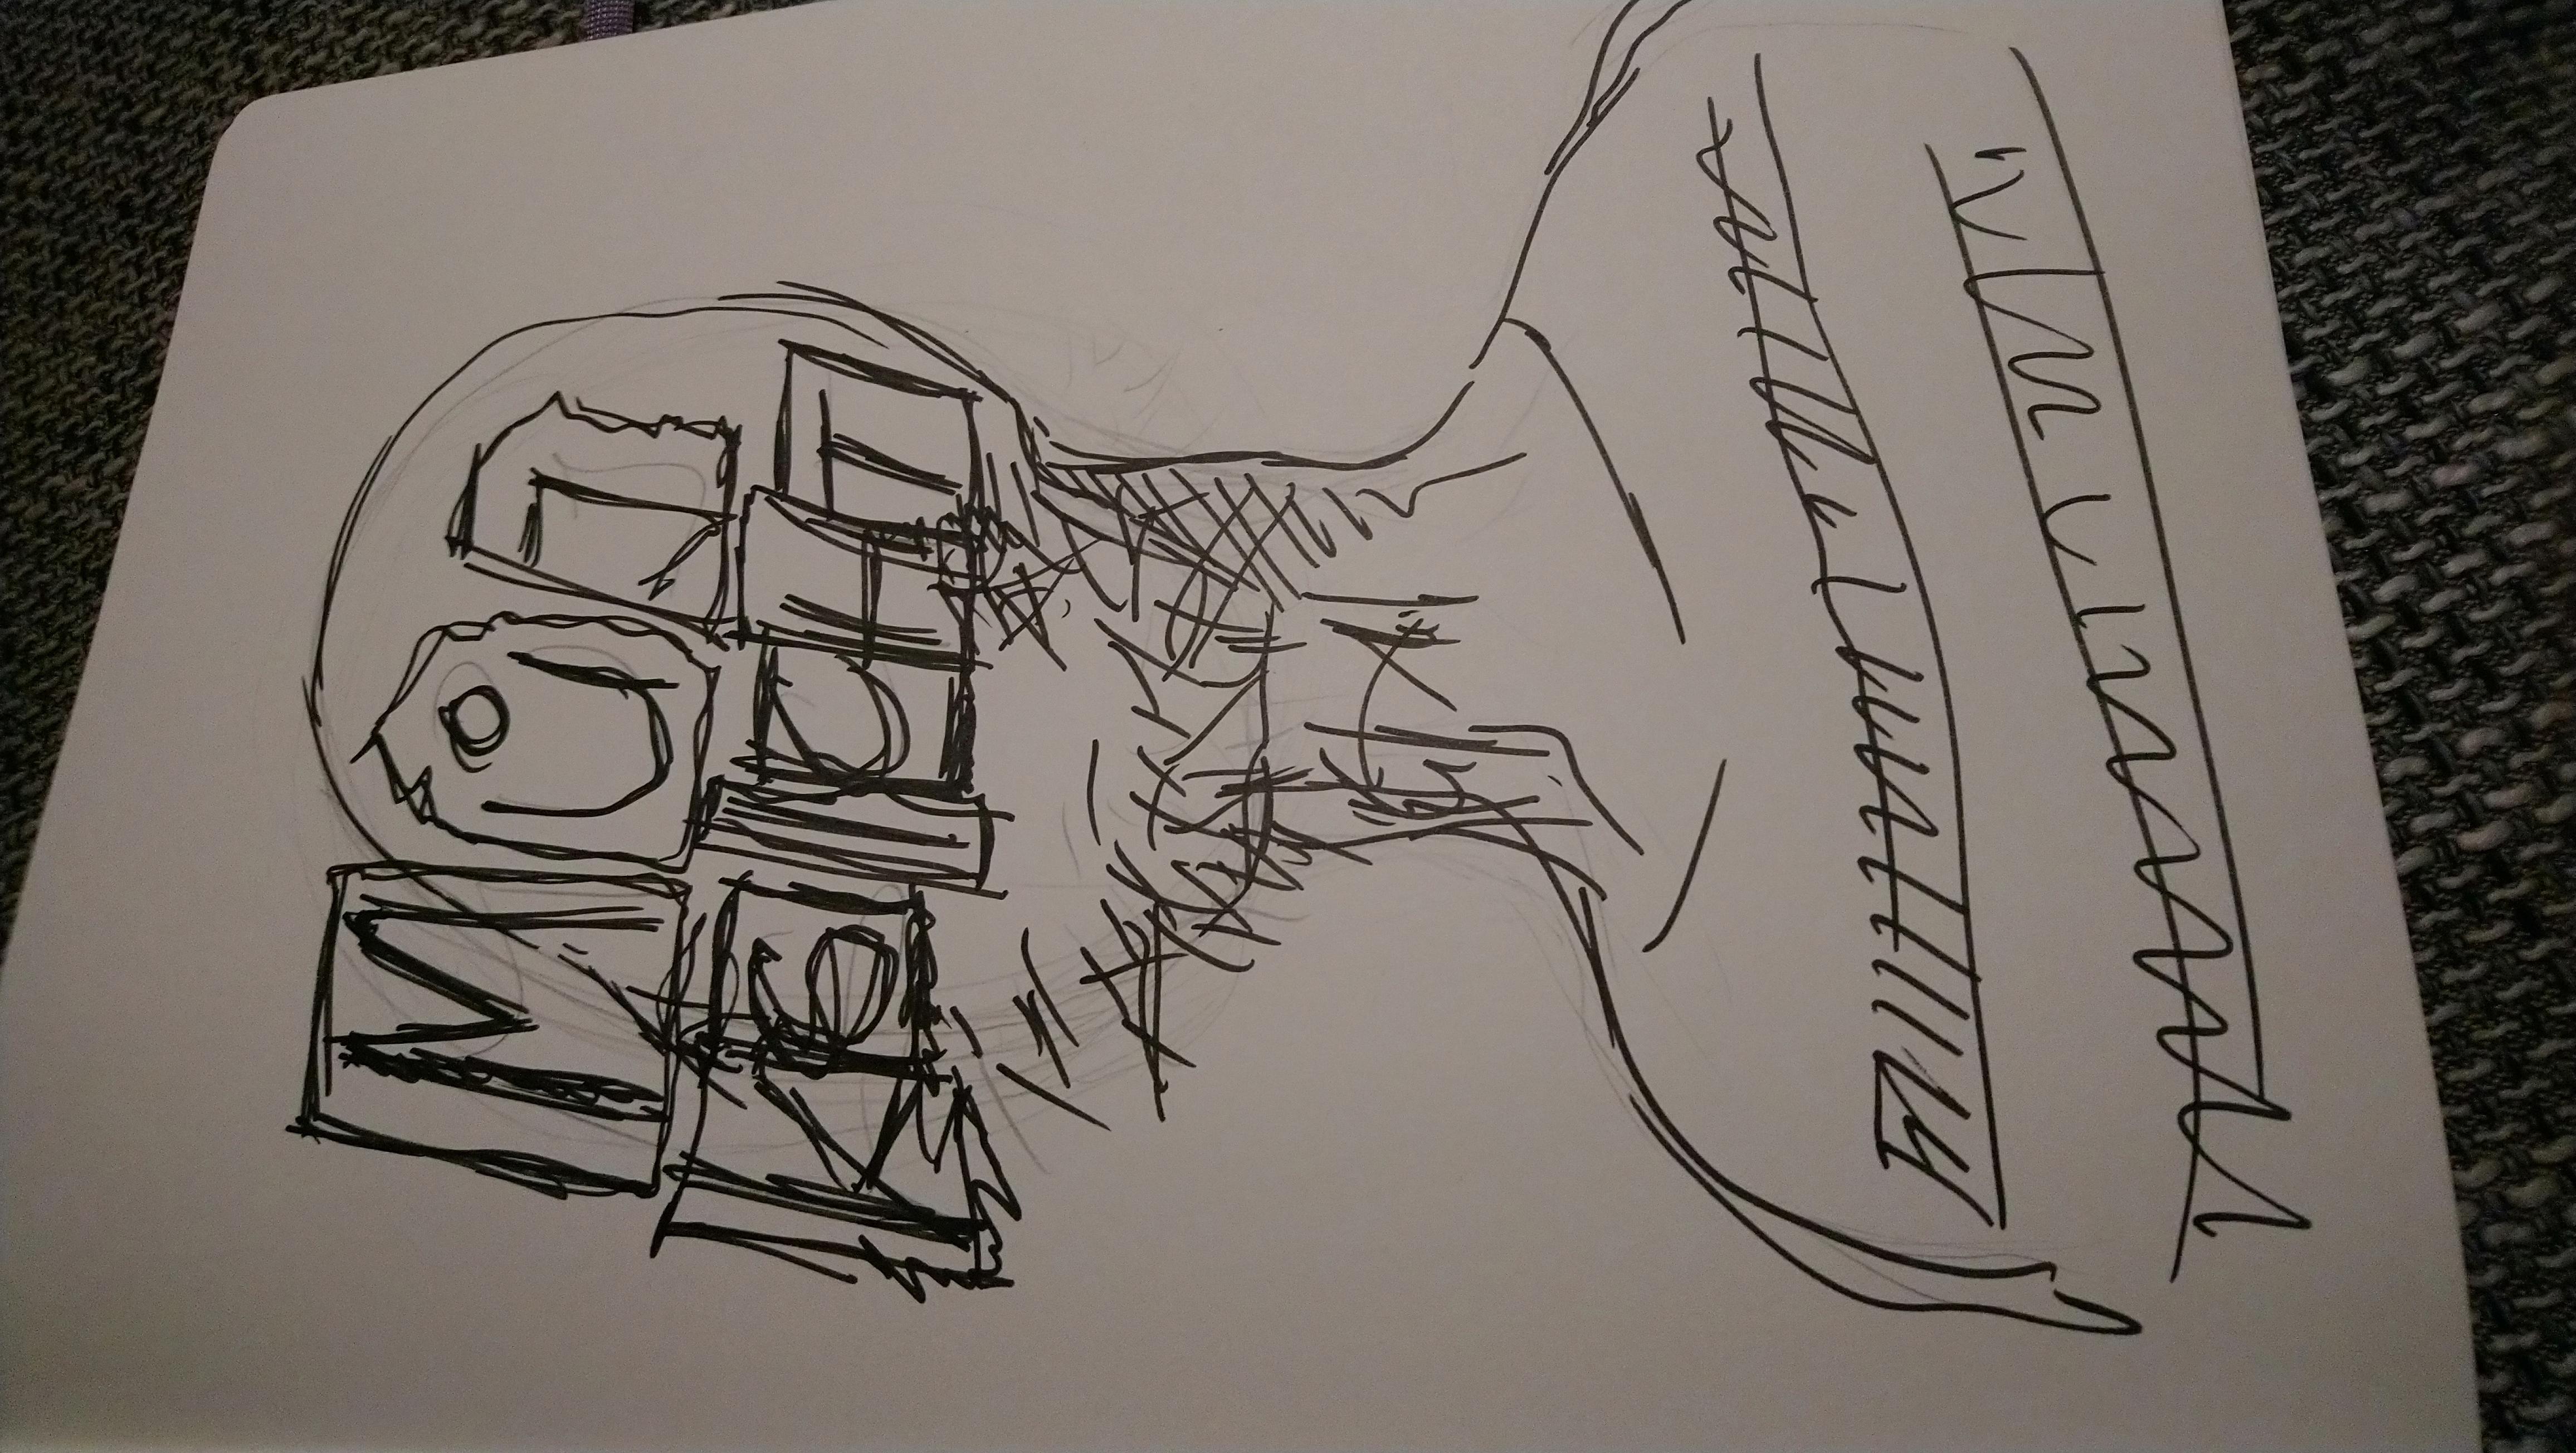 Autoportrait sketch